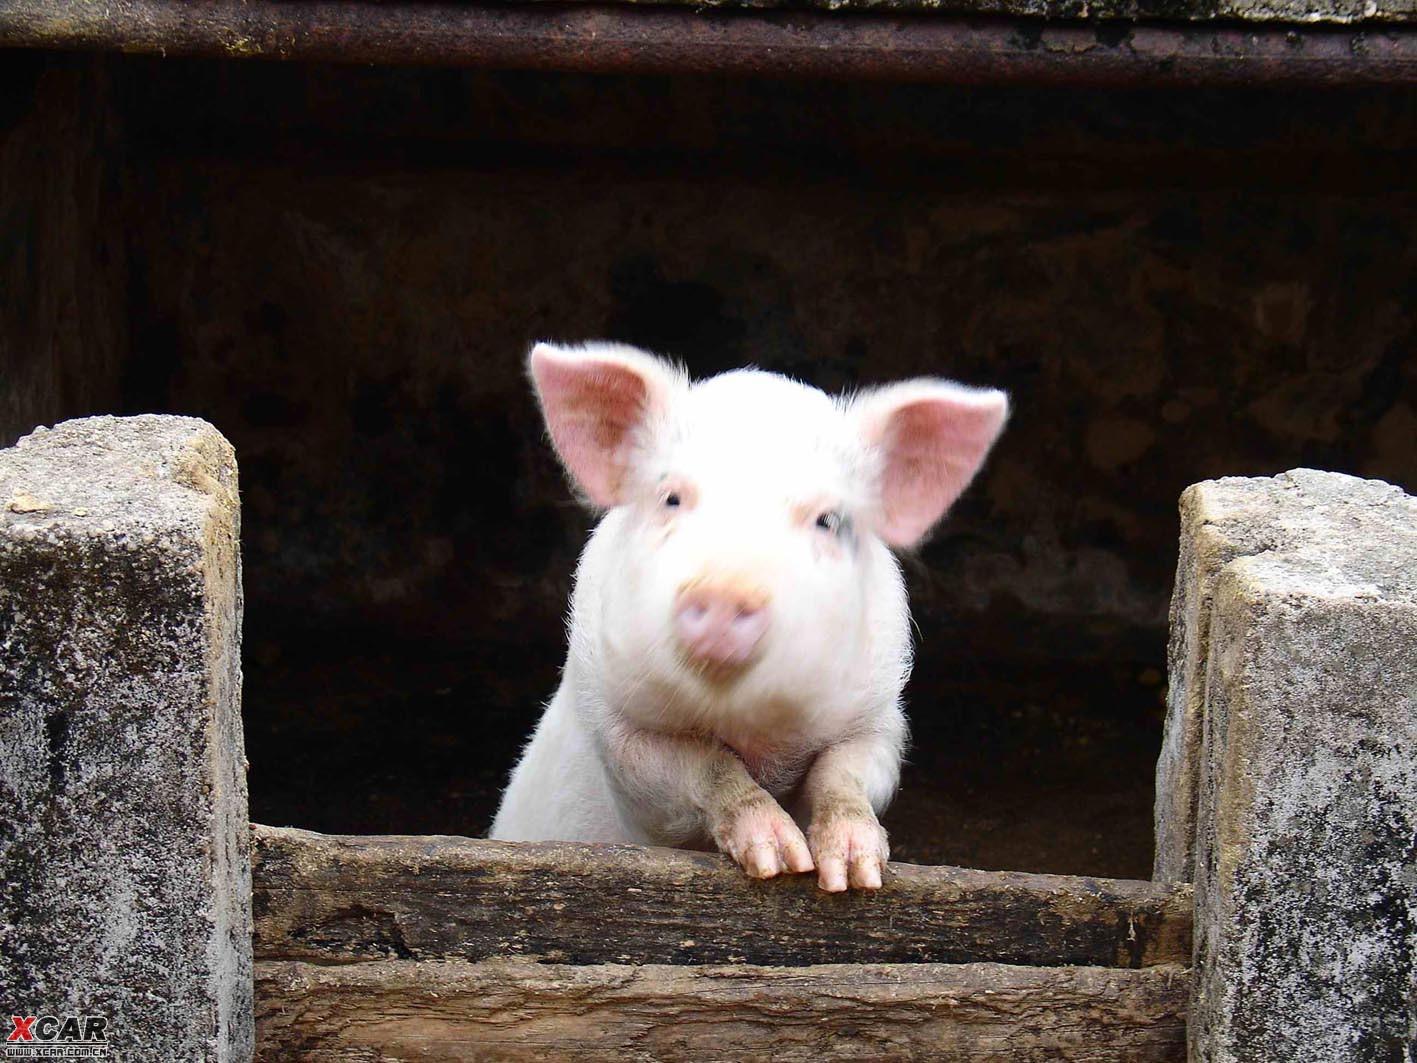 农家猪圈里一只给大家拜年的可爱小猪